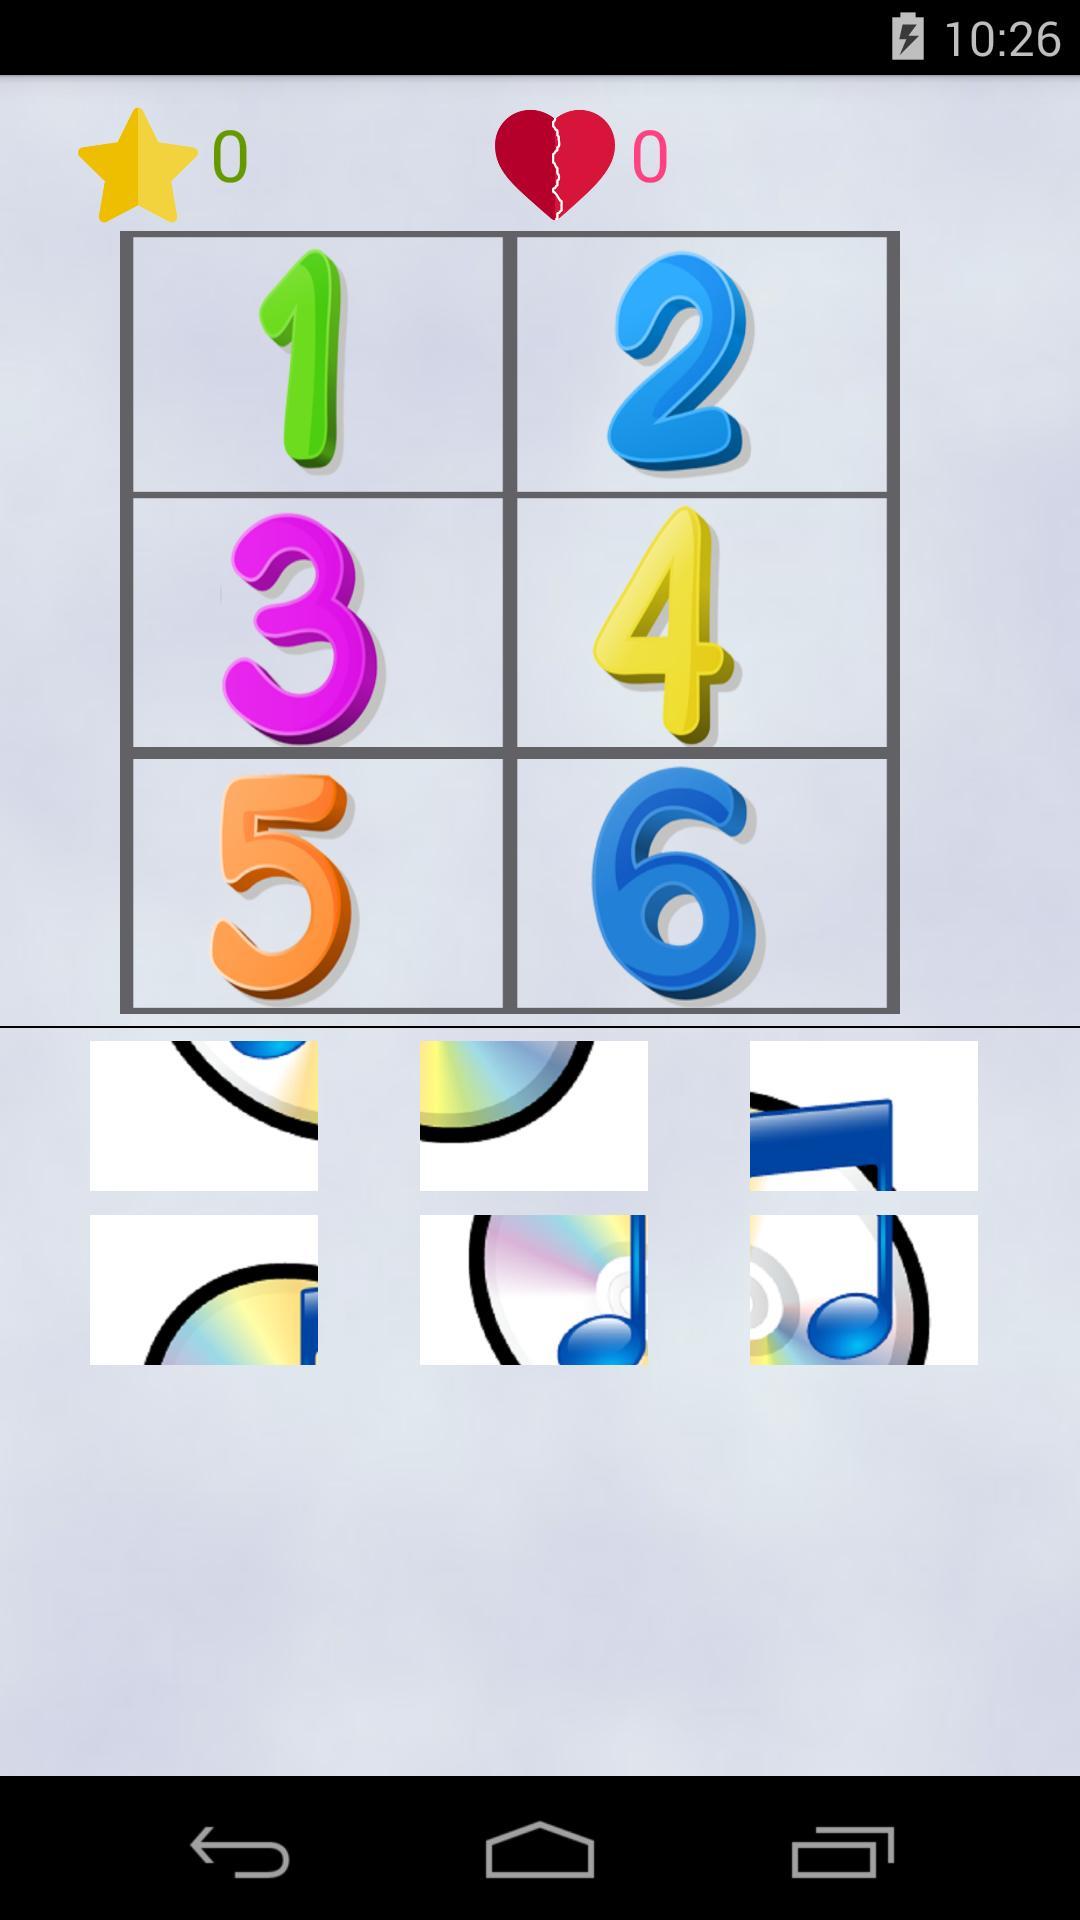 6-12 Ans De Jeu D'intelligence Éducative Mentale Pour intérieur Jeux De Intelligence De Fille